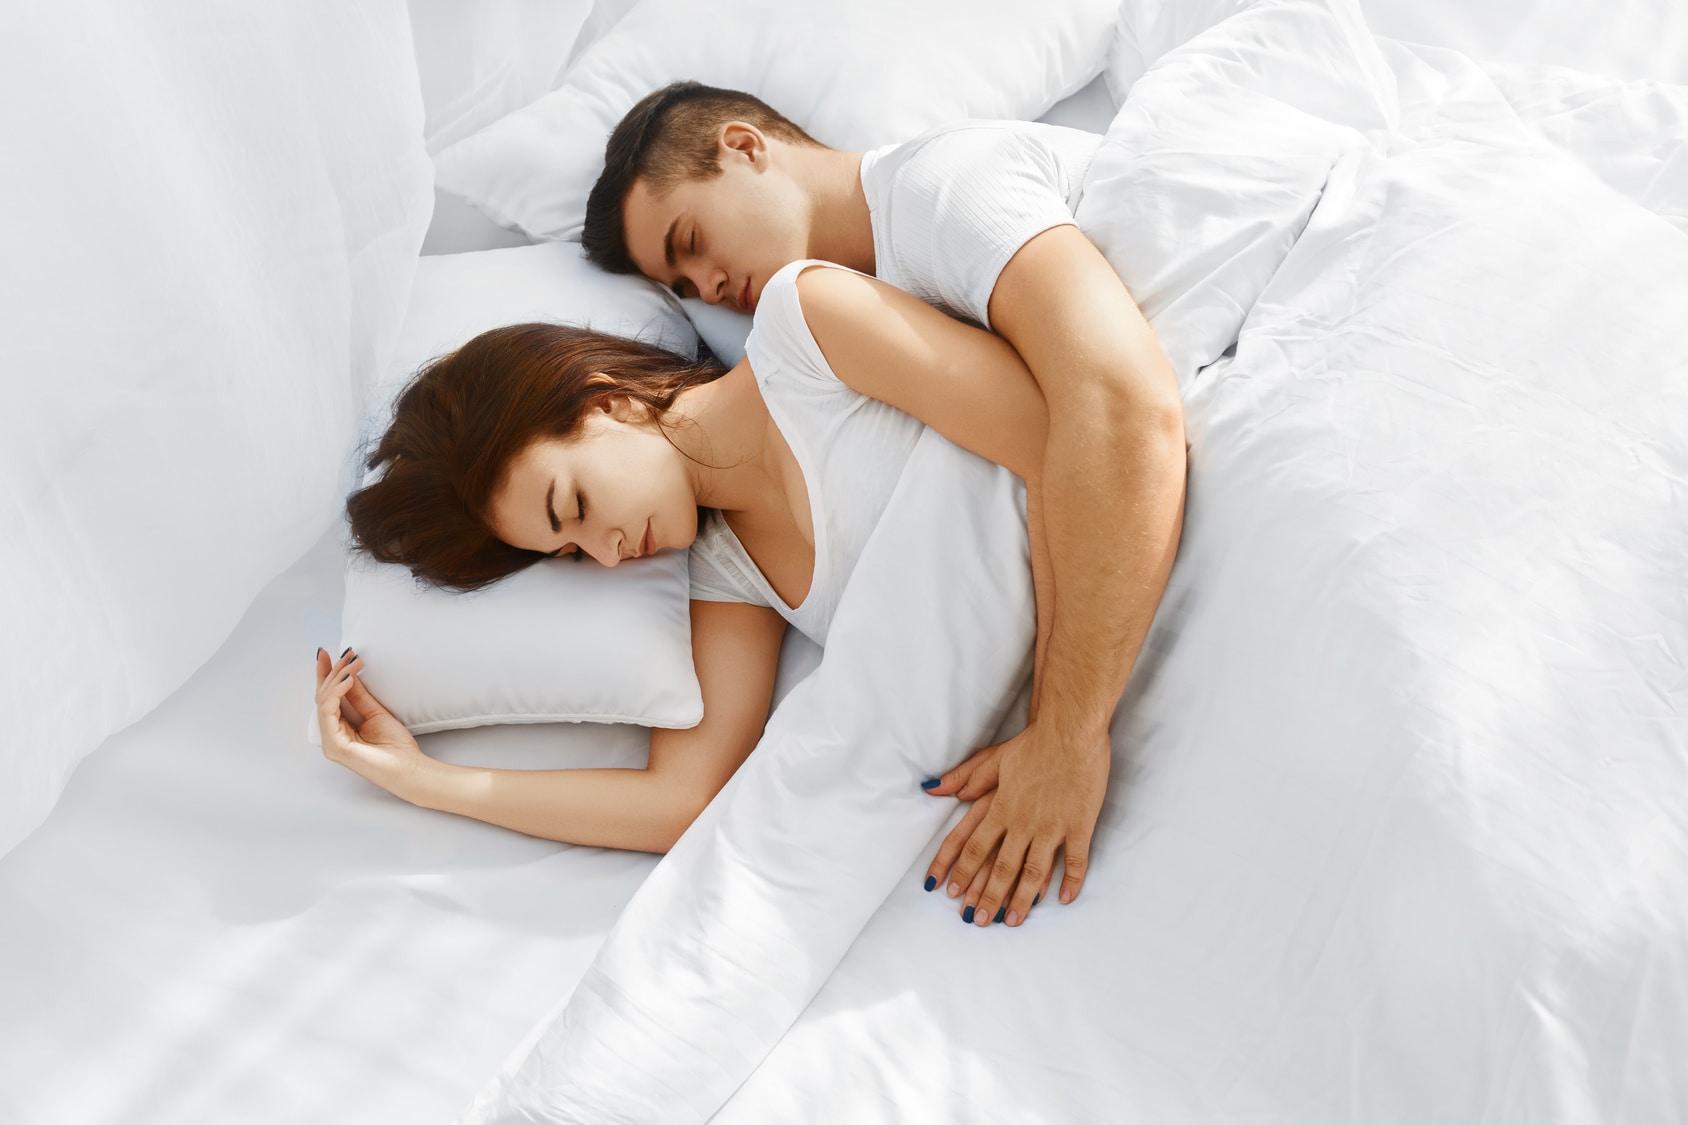 सुदृढ आरोग्यासाठी किमान सात ते आठ तासांची गाढ झोप आवश्यक असल्याचं डॉक्टरांनी अनेकदा सांगितलं आहे. पण तुम्हाला माहीत आहे का की चांगल्या झोपेसाठी योग्य पोझिशनमध्ये झोपणंही आवश्य आहे. स्लीपिंग पोझिशनचाही तुमच्या आरोग्यावर अनेक प्रकारे परिणाम होत असतो. चला तर मग कोणती स्लीपिंग पोझिशन तुमच्यासाठी योग्य आहे ते जाणून घेऊ...